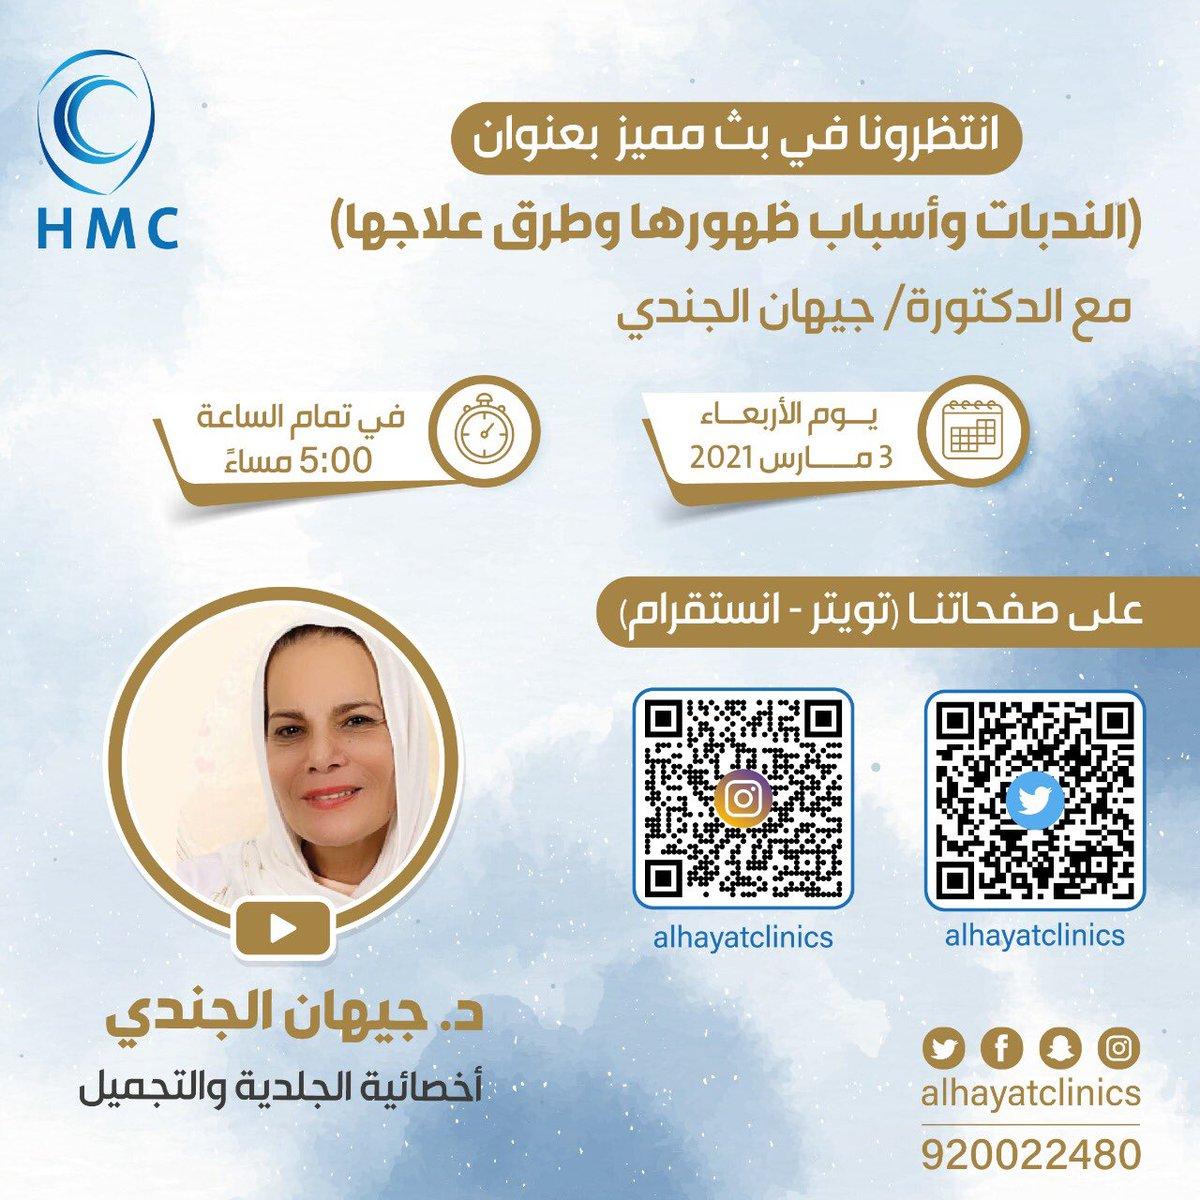 مجمع عيادات الحياة Hmc Alhayatclinics Twitter